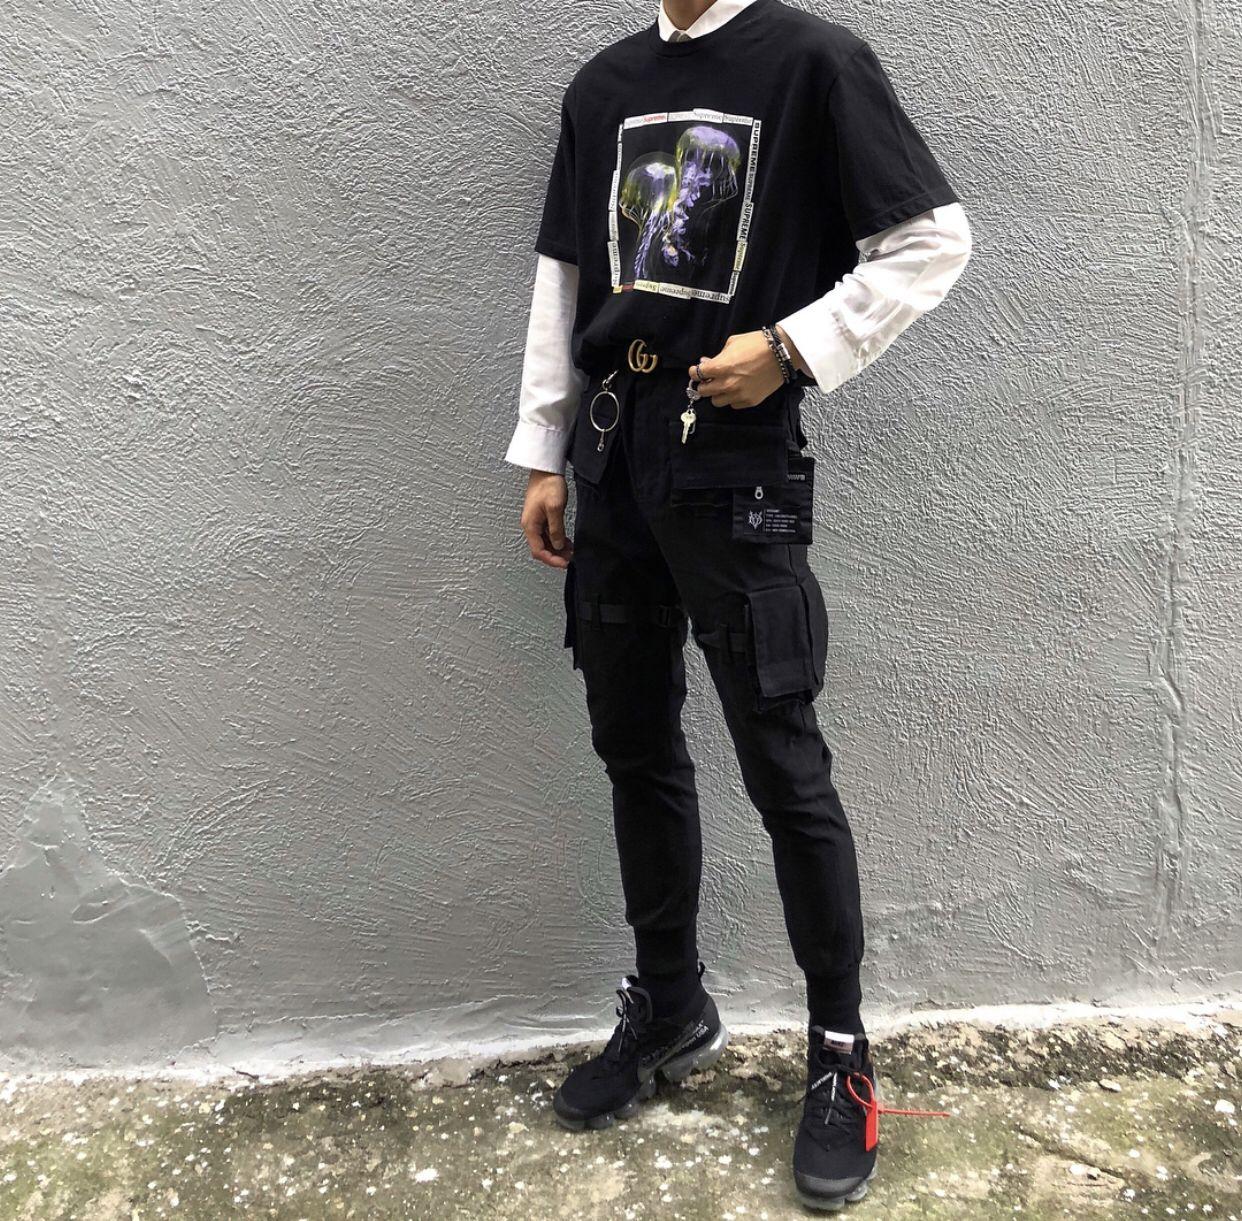 Pin by cj on fιтѕ in 2019 | Moda indie masculina, Moda ...